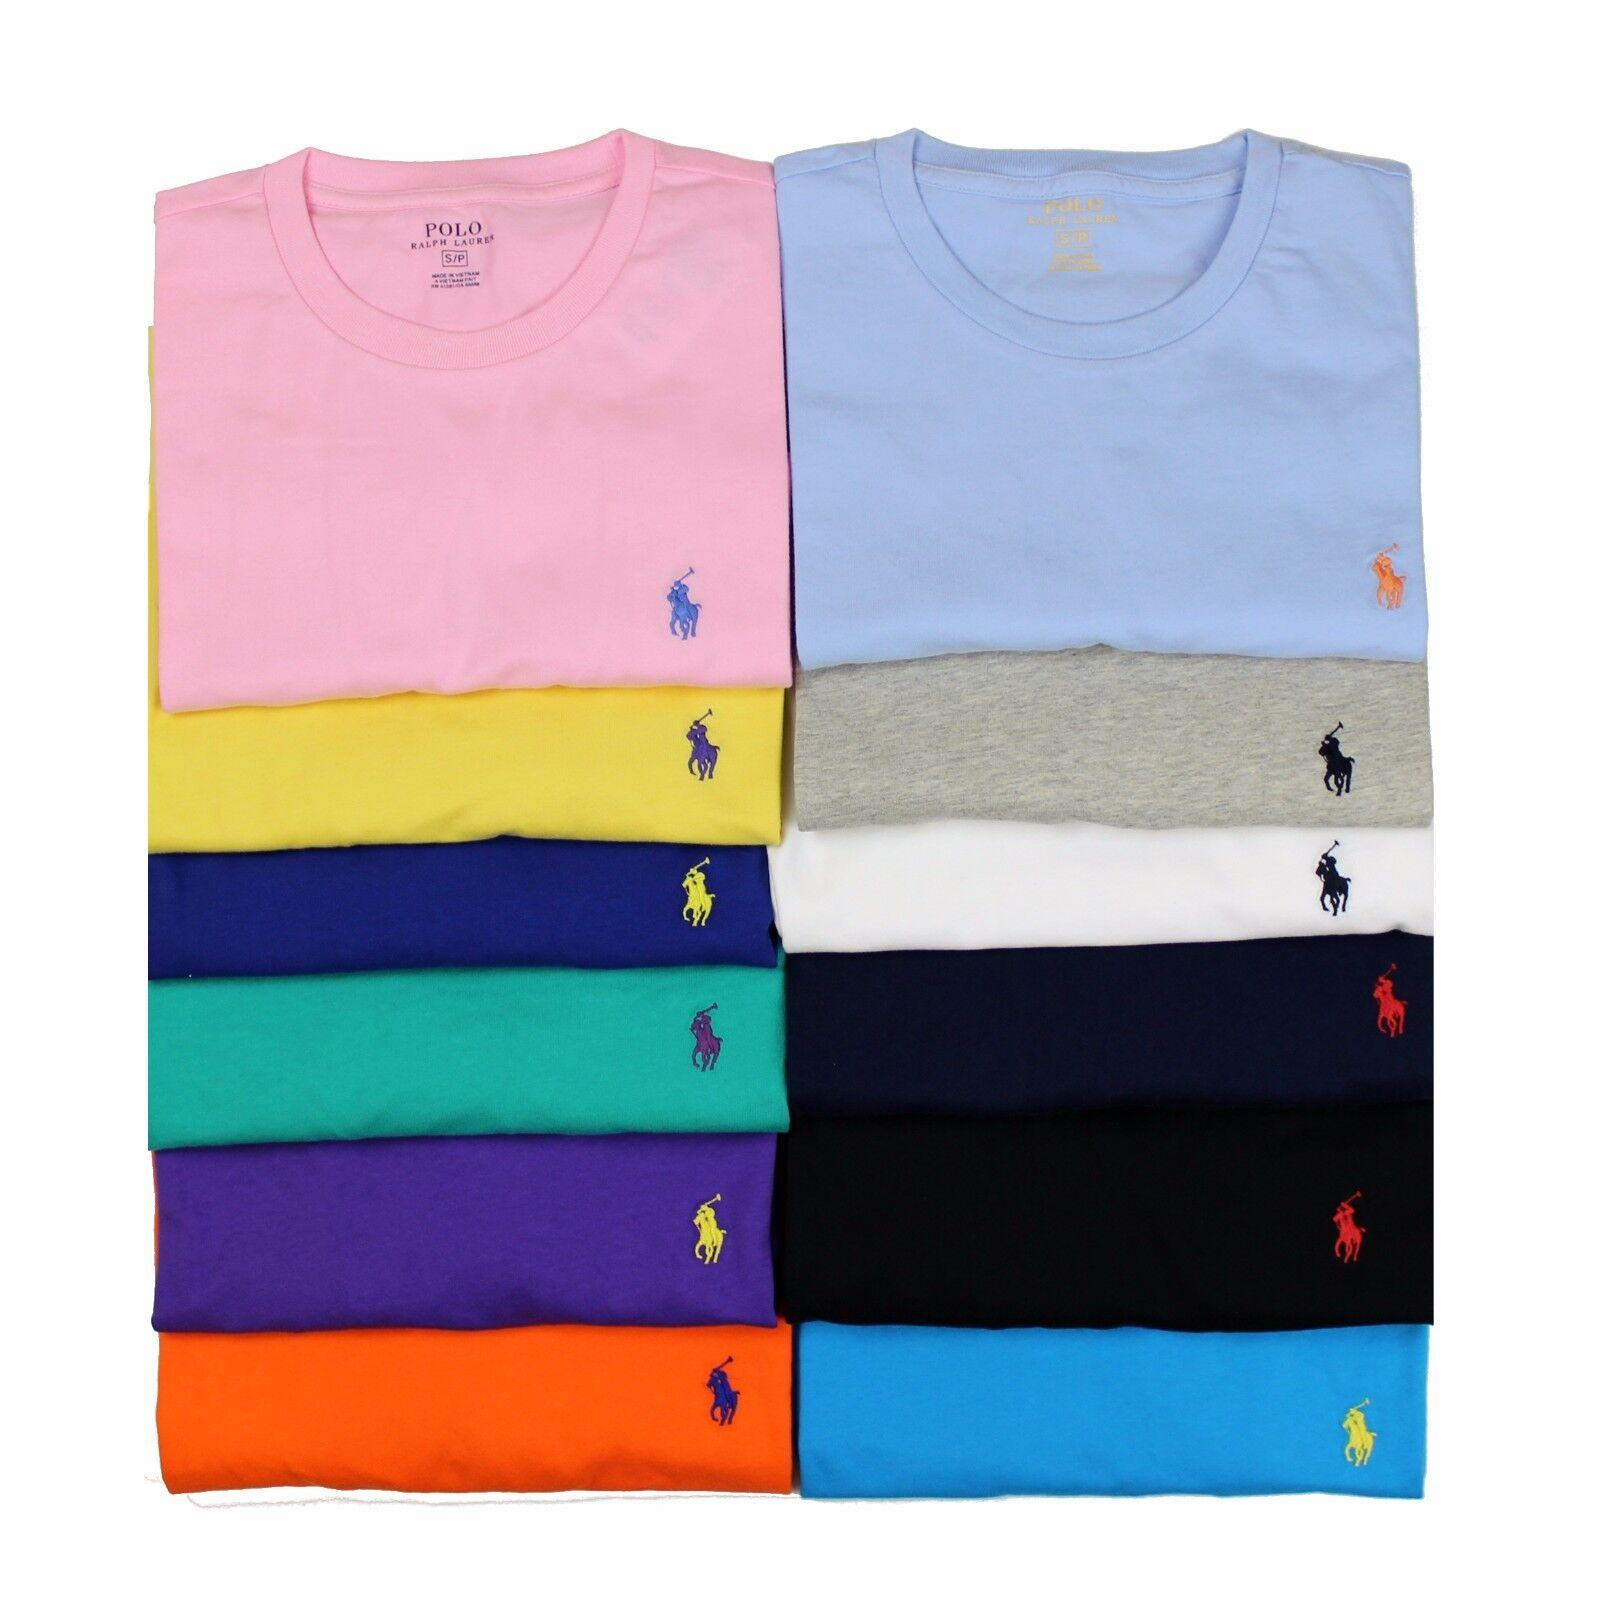 New Polo Ralph Lauren Men Crew Neck T-Shirt Classic N Standard Fit Short Sleeve